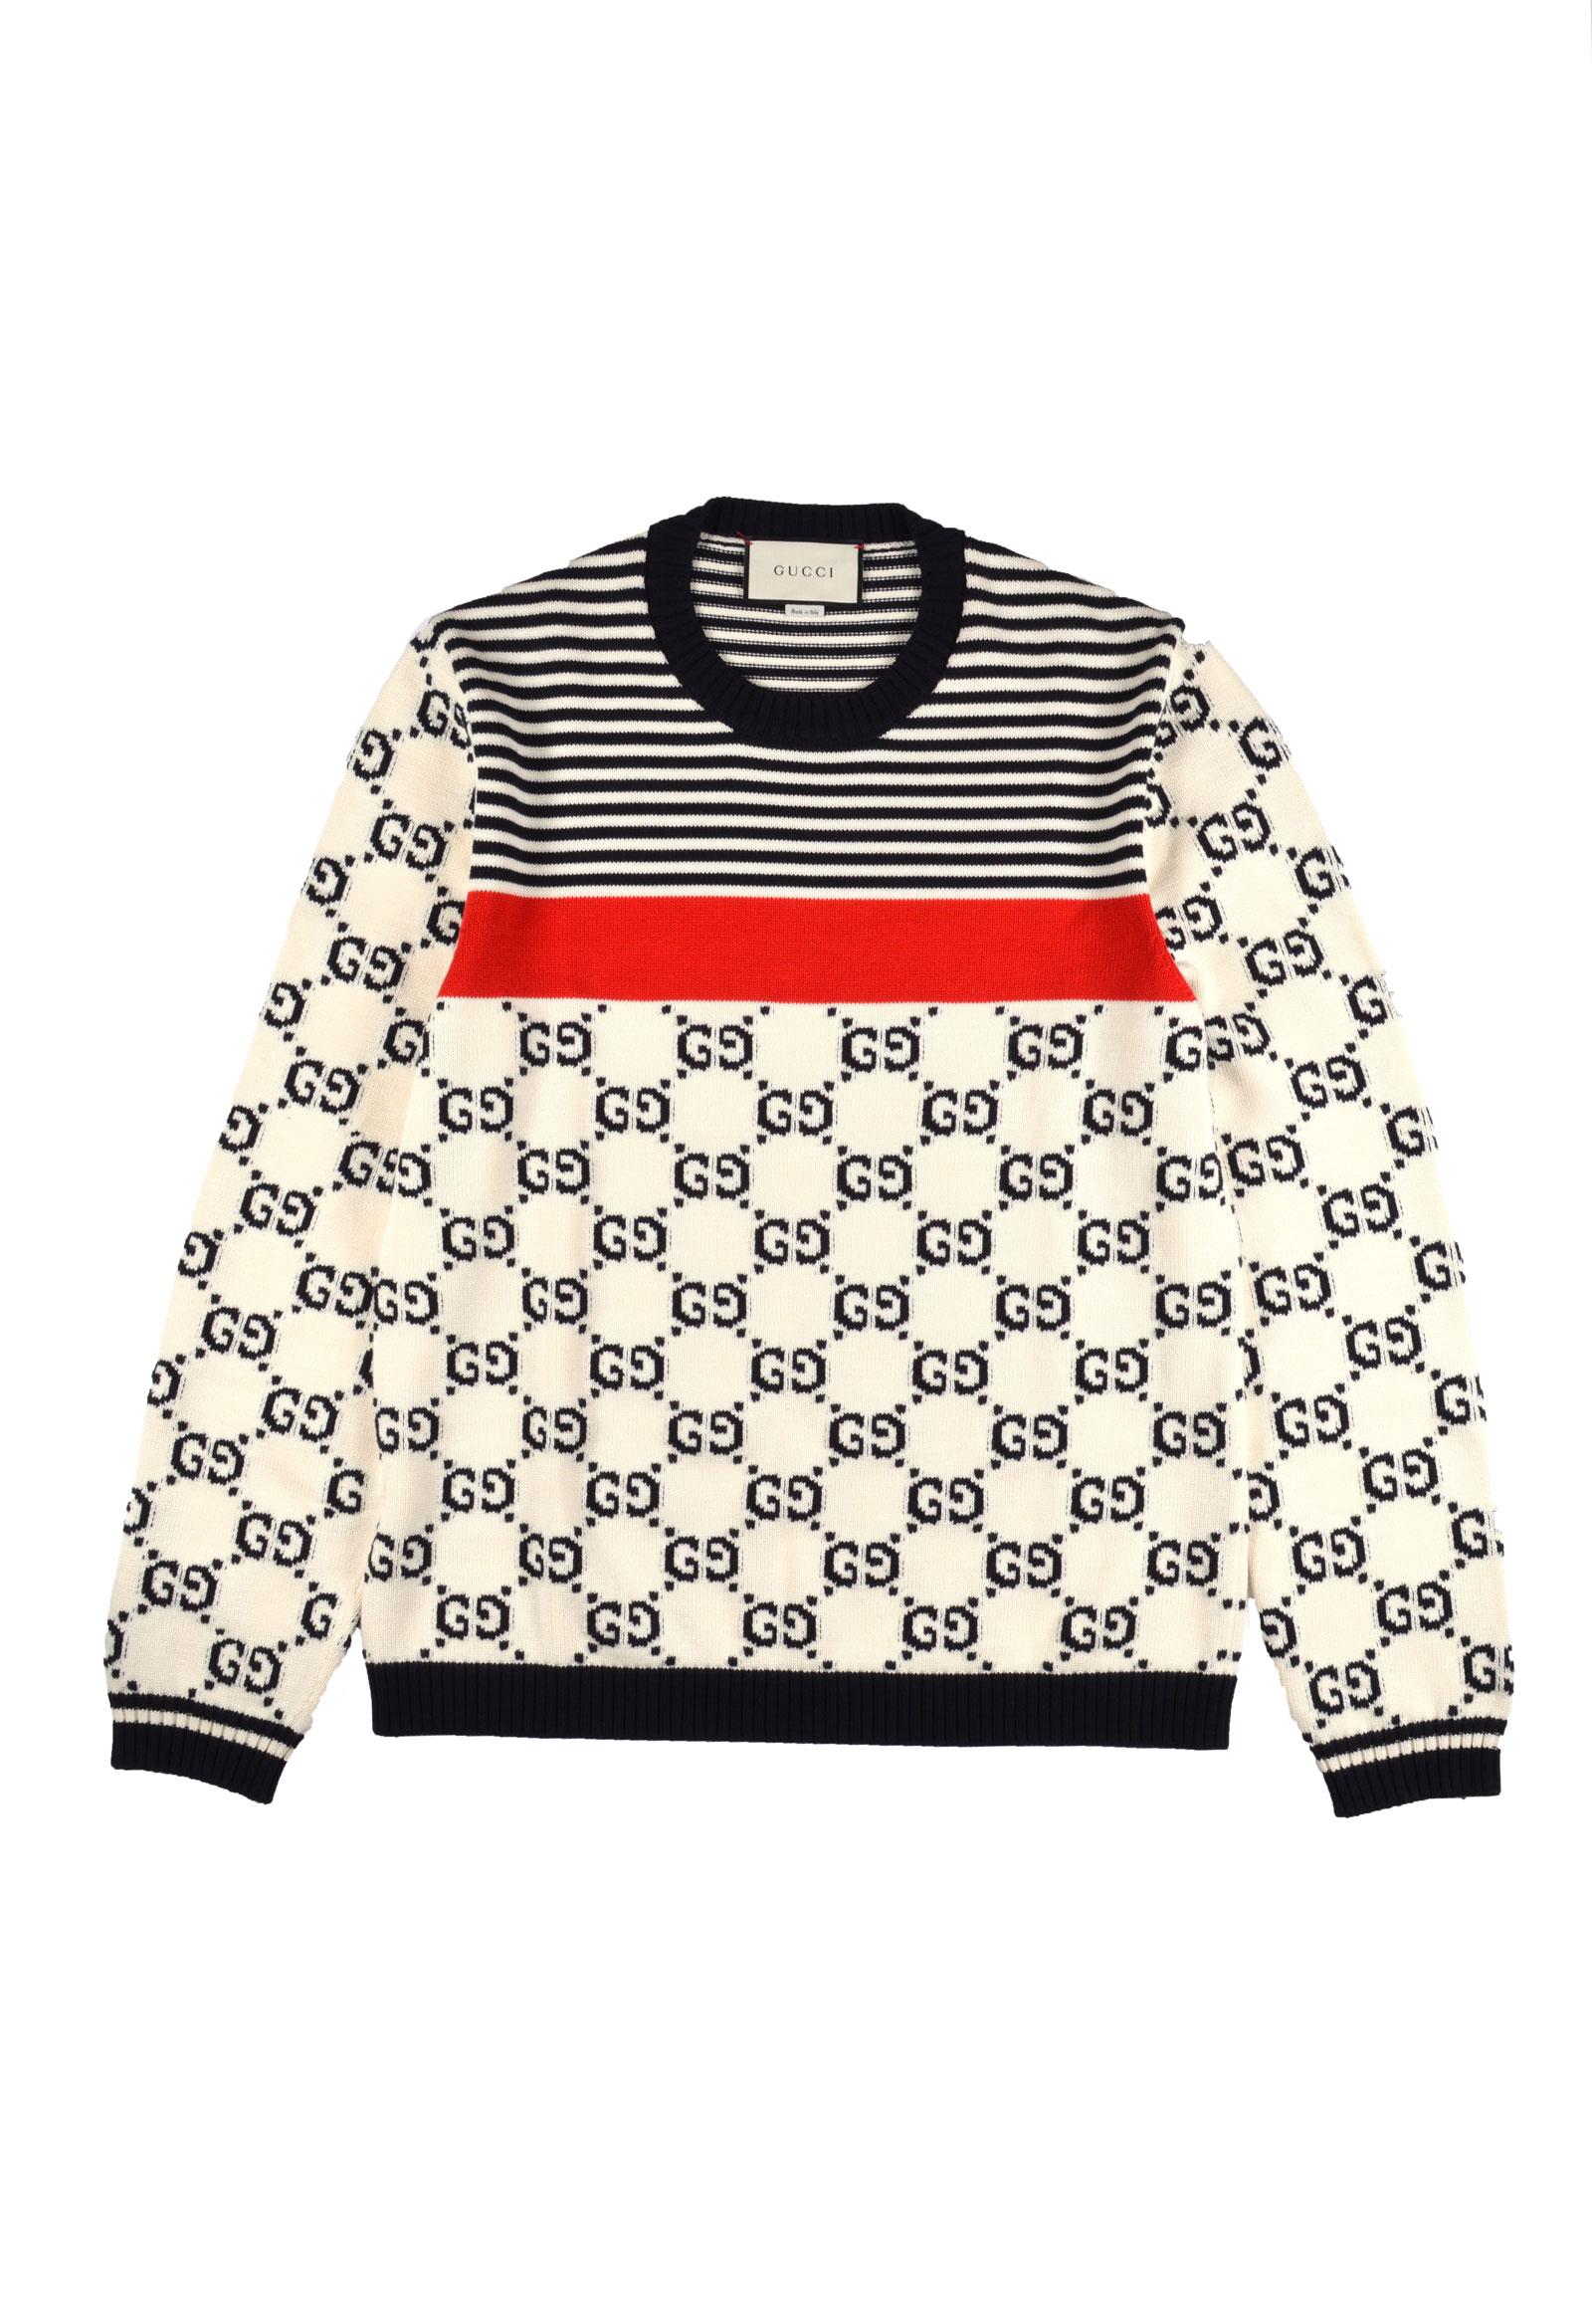 49fea97137 GG Jacquard Knit Sweater